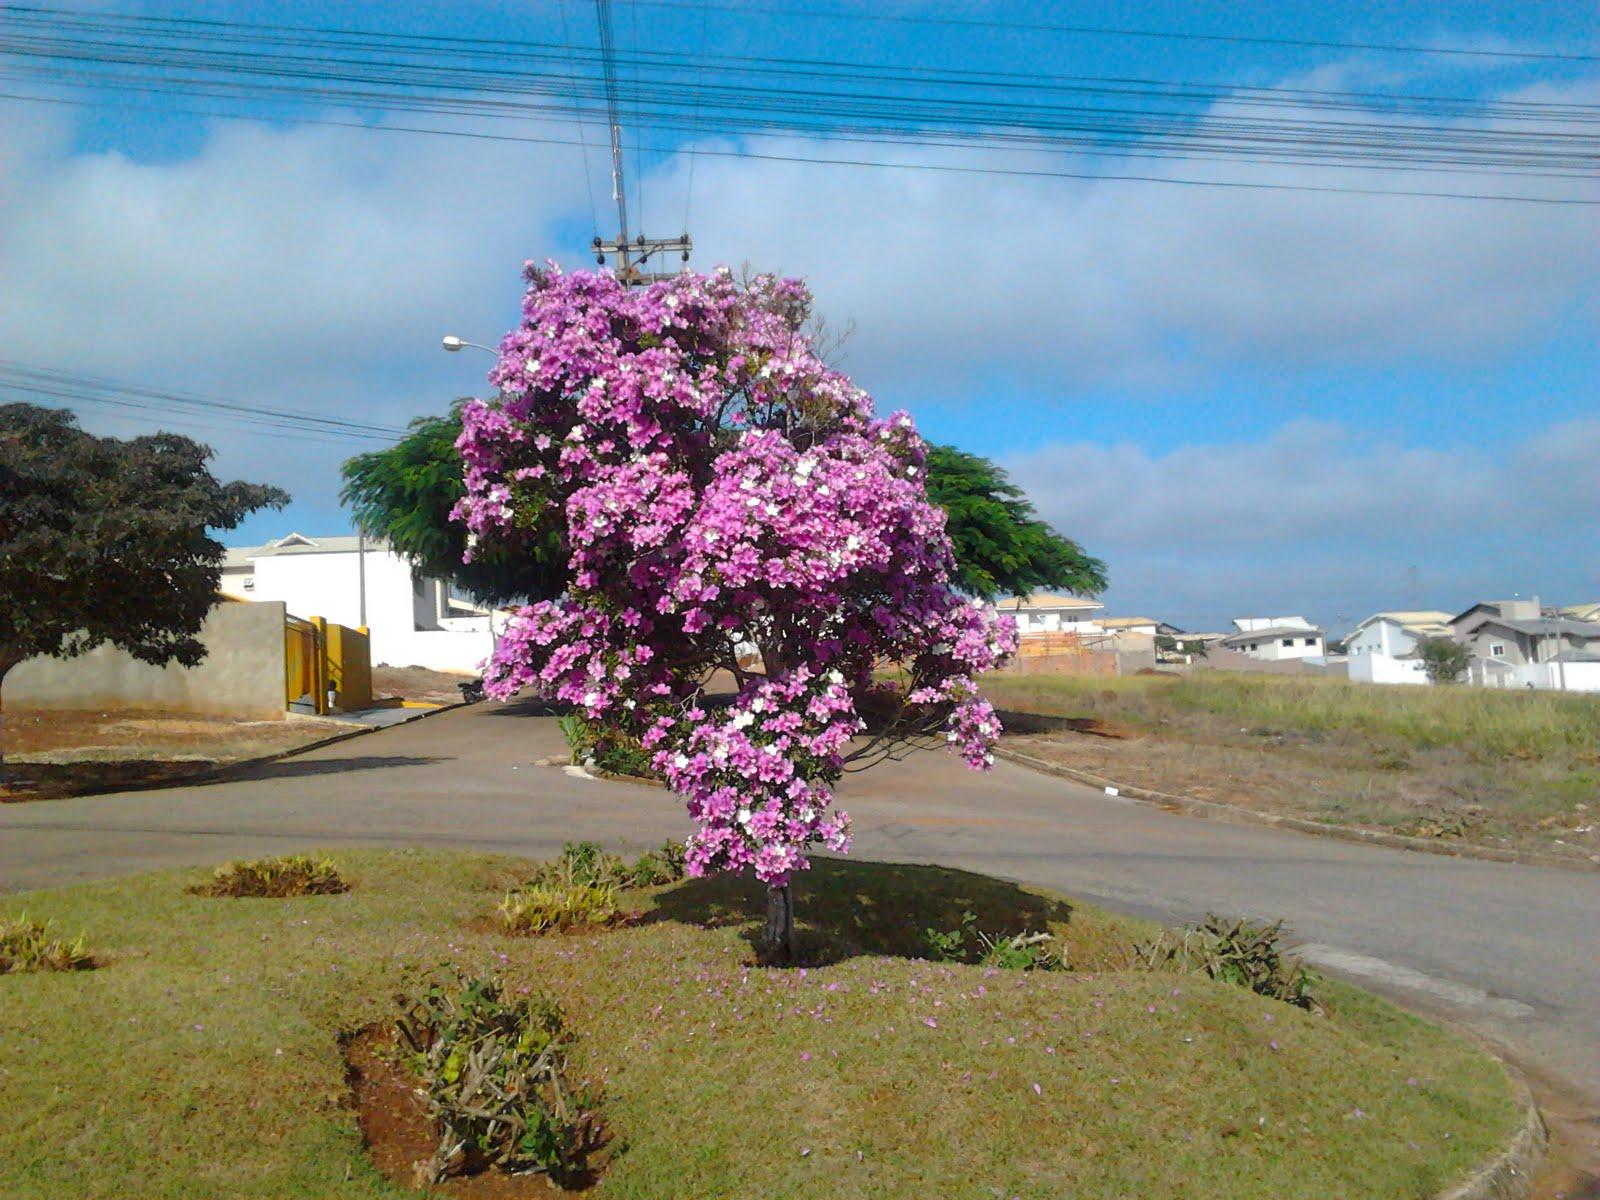 arvore manaca jardim : arvore manaca jardim: Blog de Itapeva: Manacá em flor, no Jardim Ferrari 3, Itapeva(SP